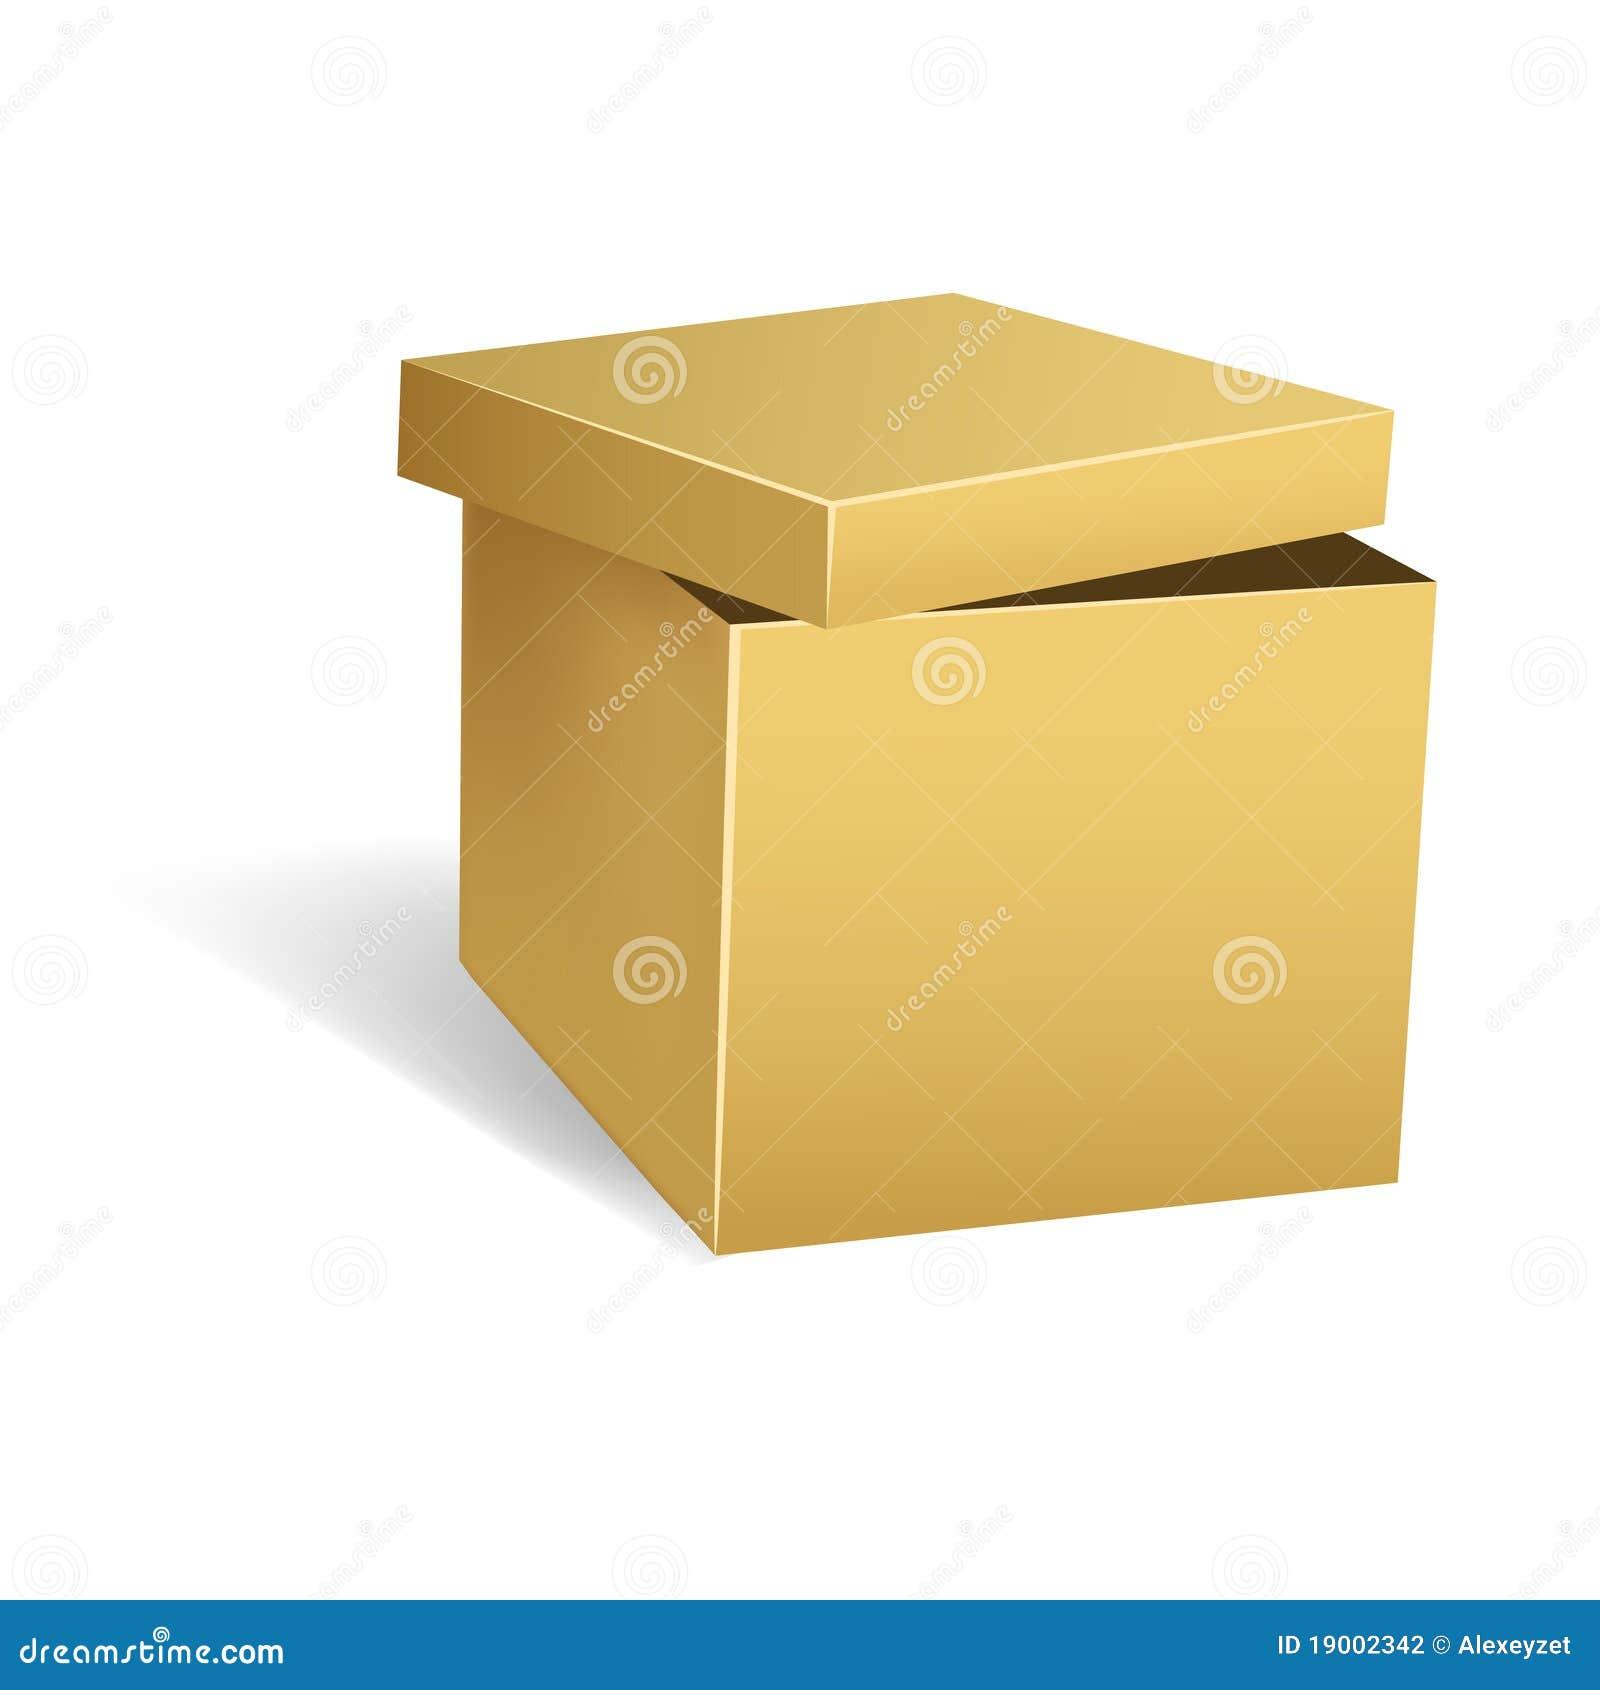 De doos van het karton met geopend deksel stock fotografie afbeelding 19002342 - Deksel van de boom ...